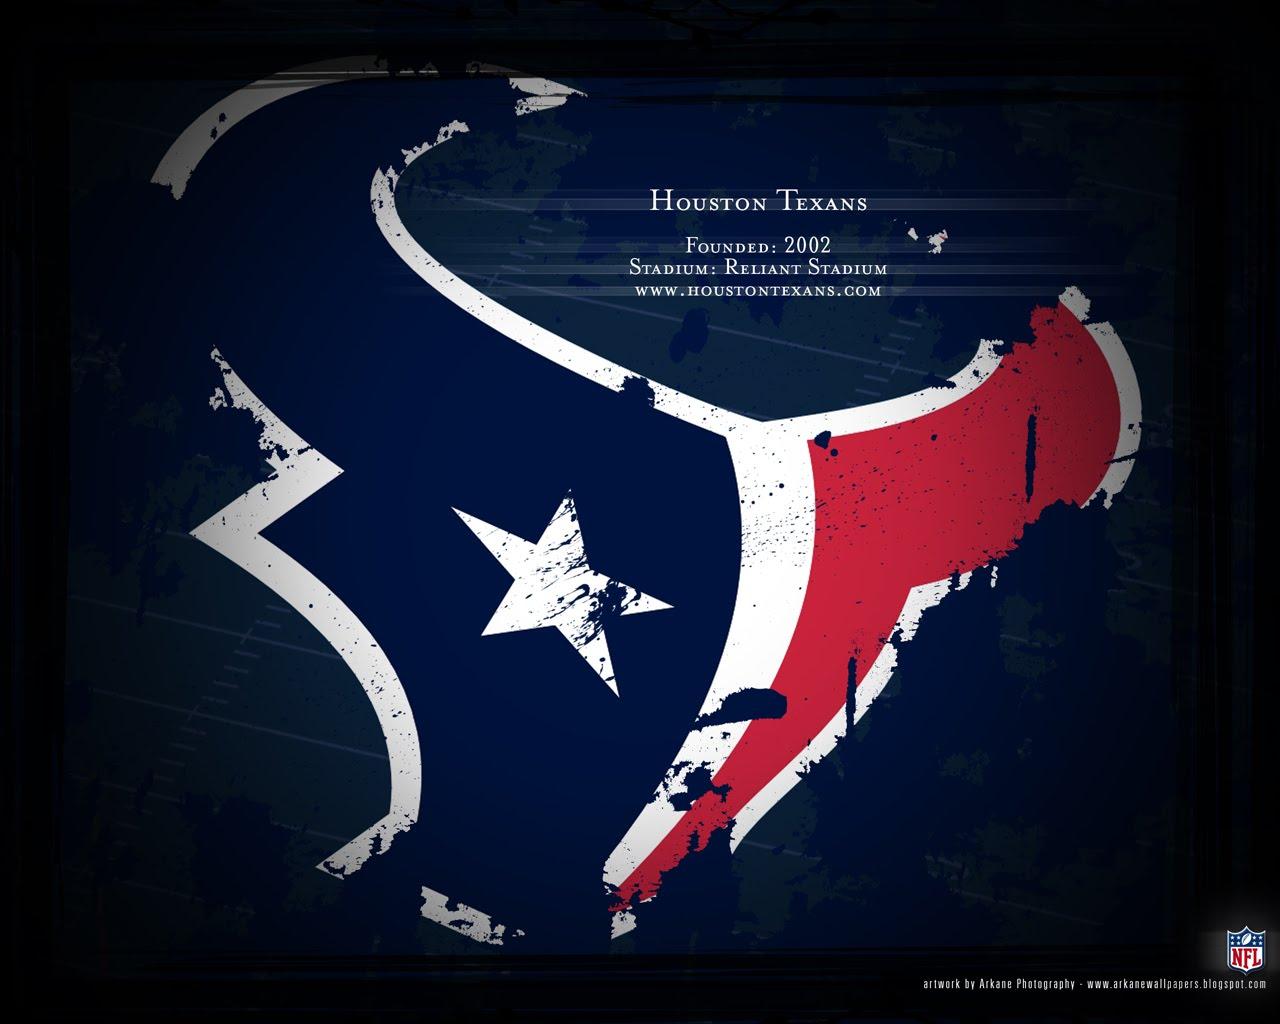 http://2.bp.blogspot.com/_JuYYGgmnUQU/SwcAX1UBTXI/AAAAAAAAAiY/5NAbg0HuBYg/s1600/Texansprofile.jpeg